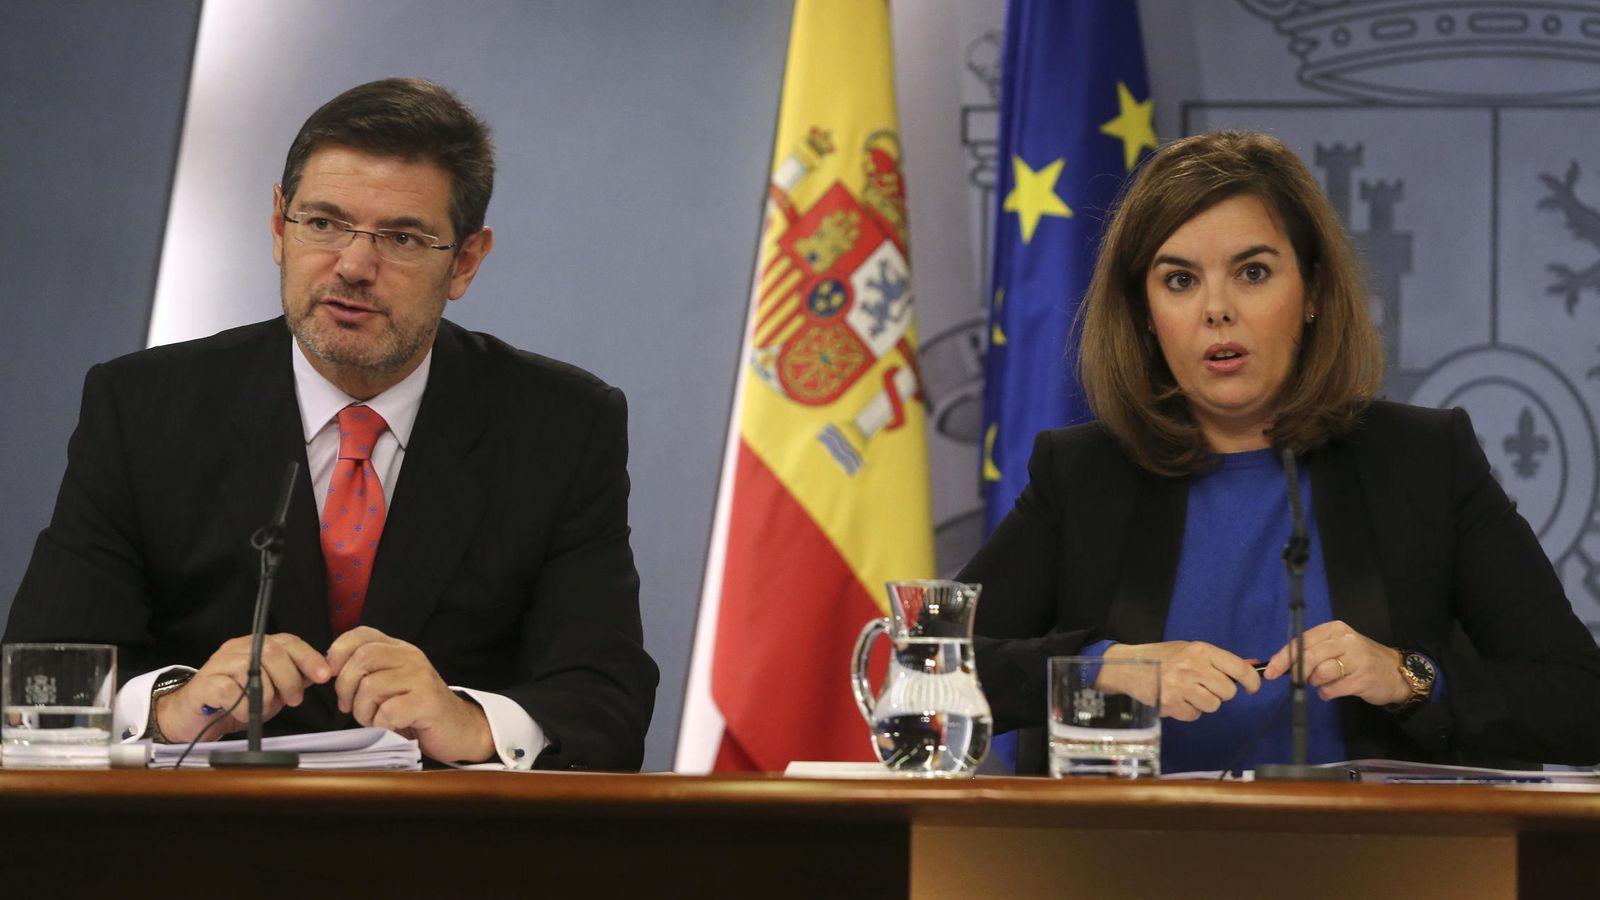 Foto: El ministro de Justicia, Rafael Catalá, y la vicepresidenta del Gobierno, Soraya Saénz de Santamaría. (EFE)